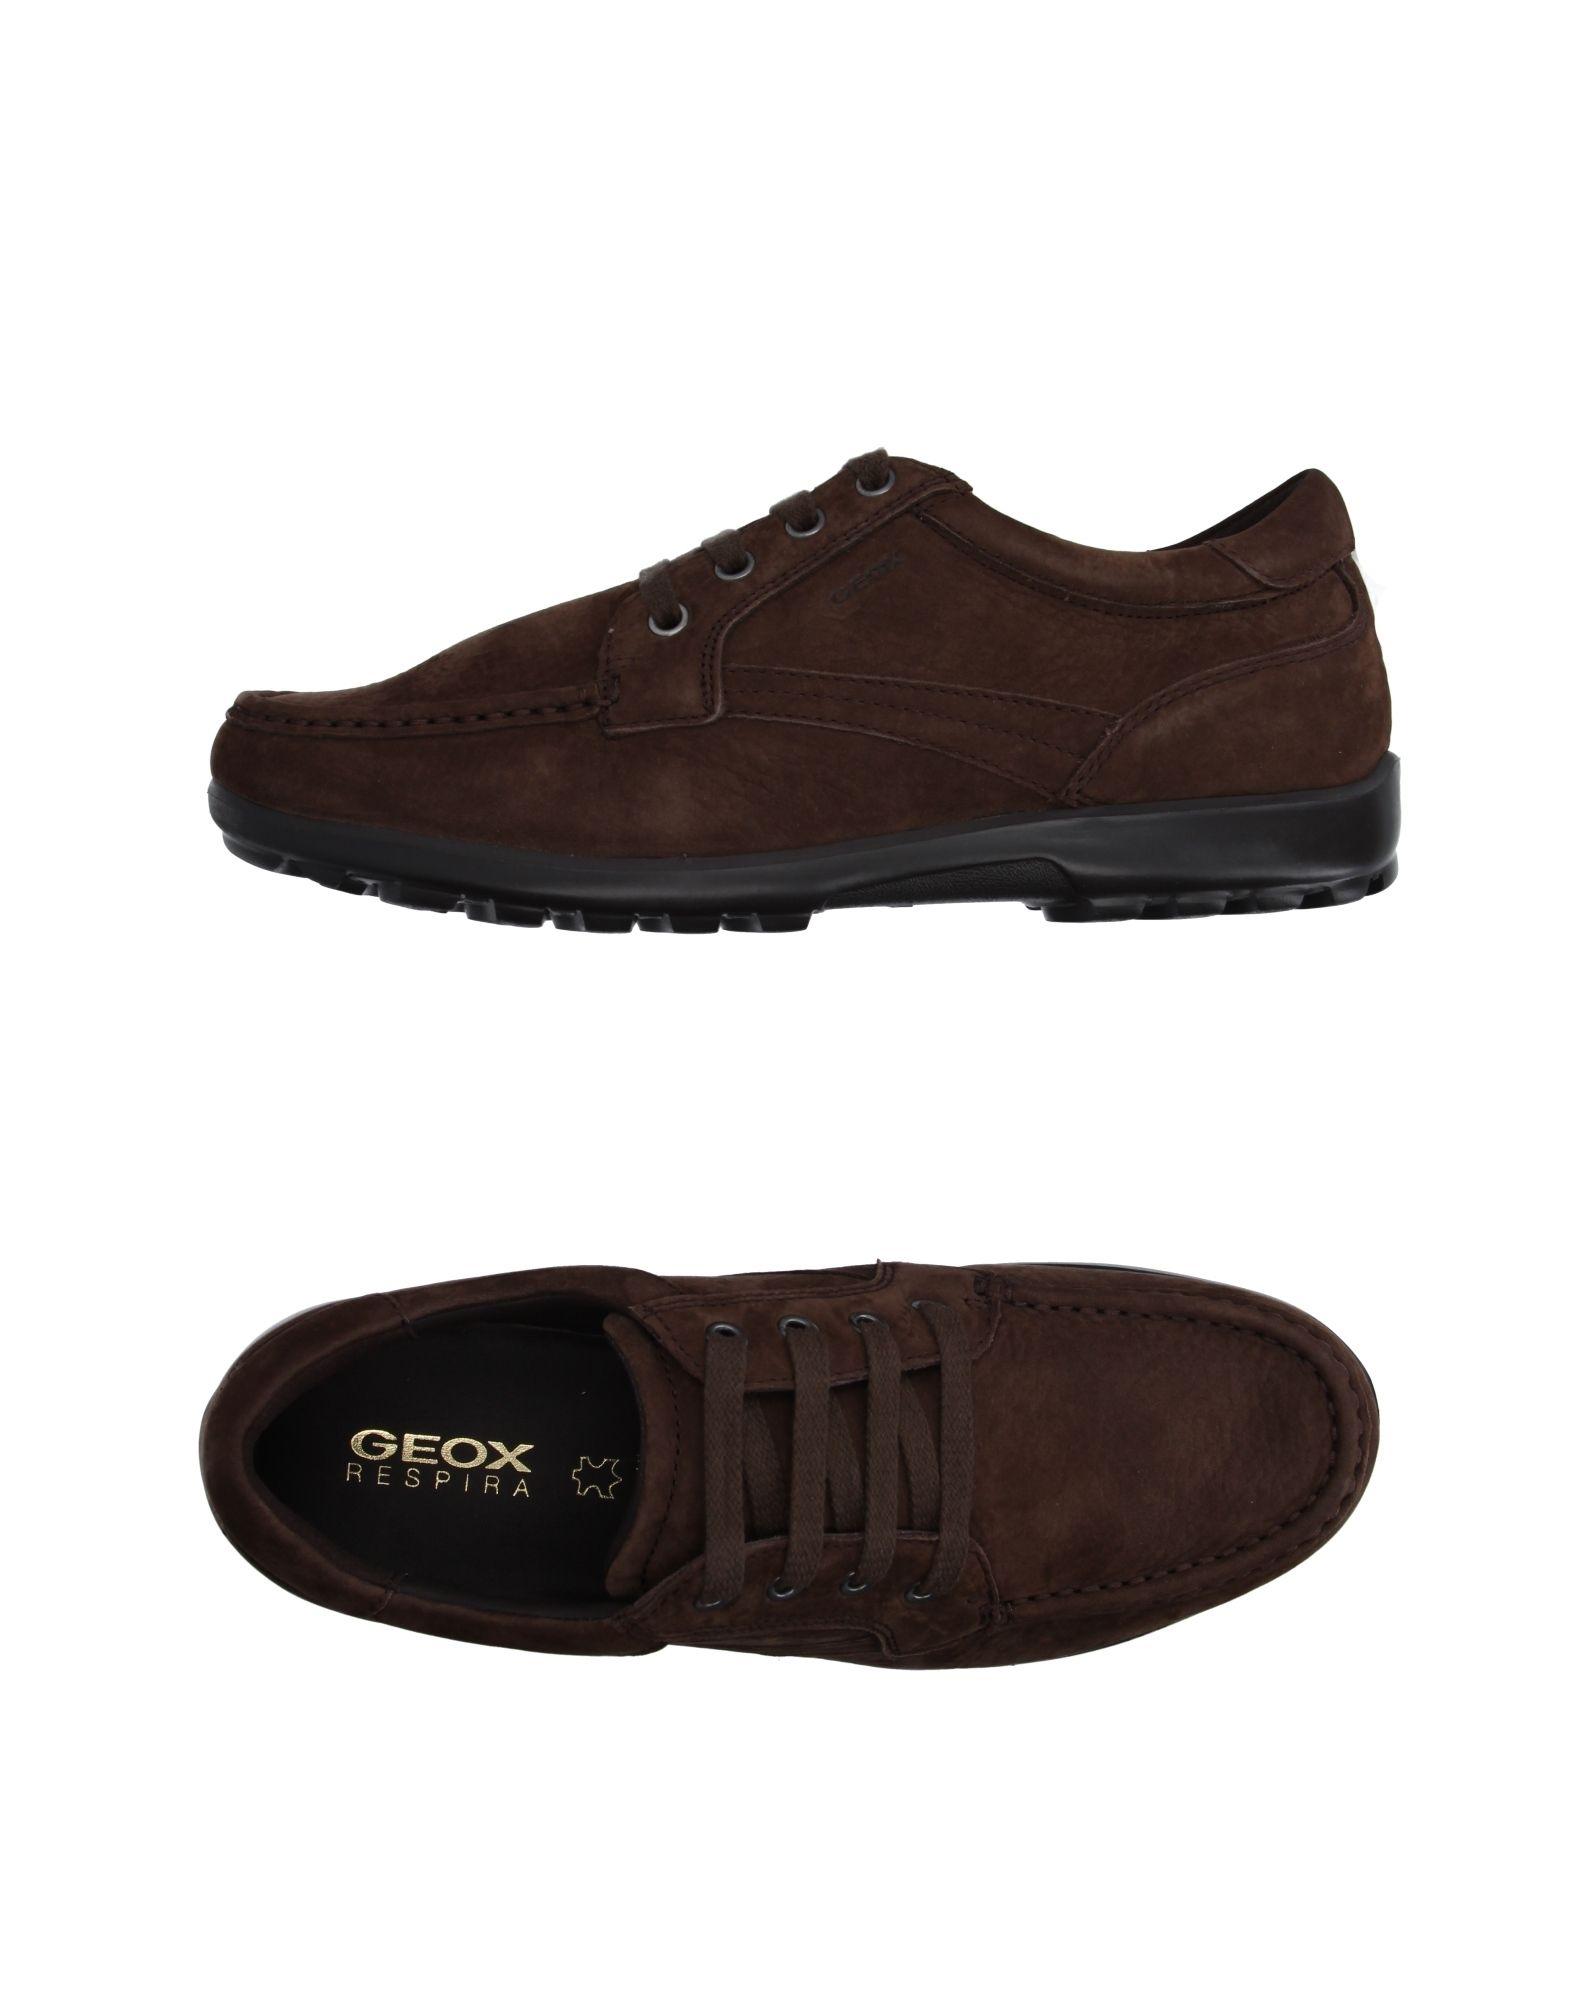 Rabatt echte Schuhe Geox Schnürschuhe Herren  11084459SB